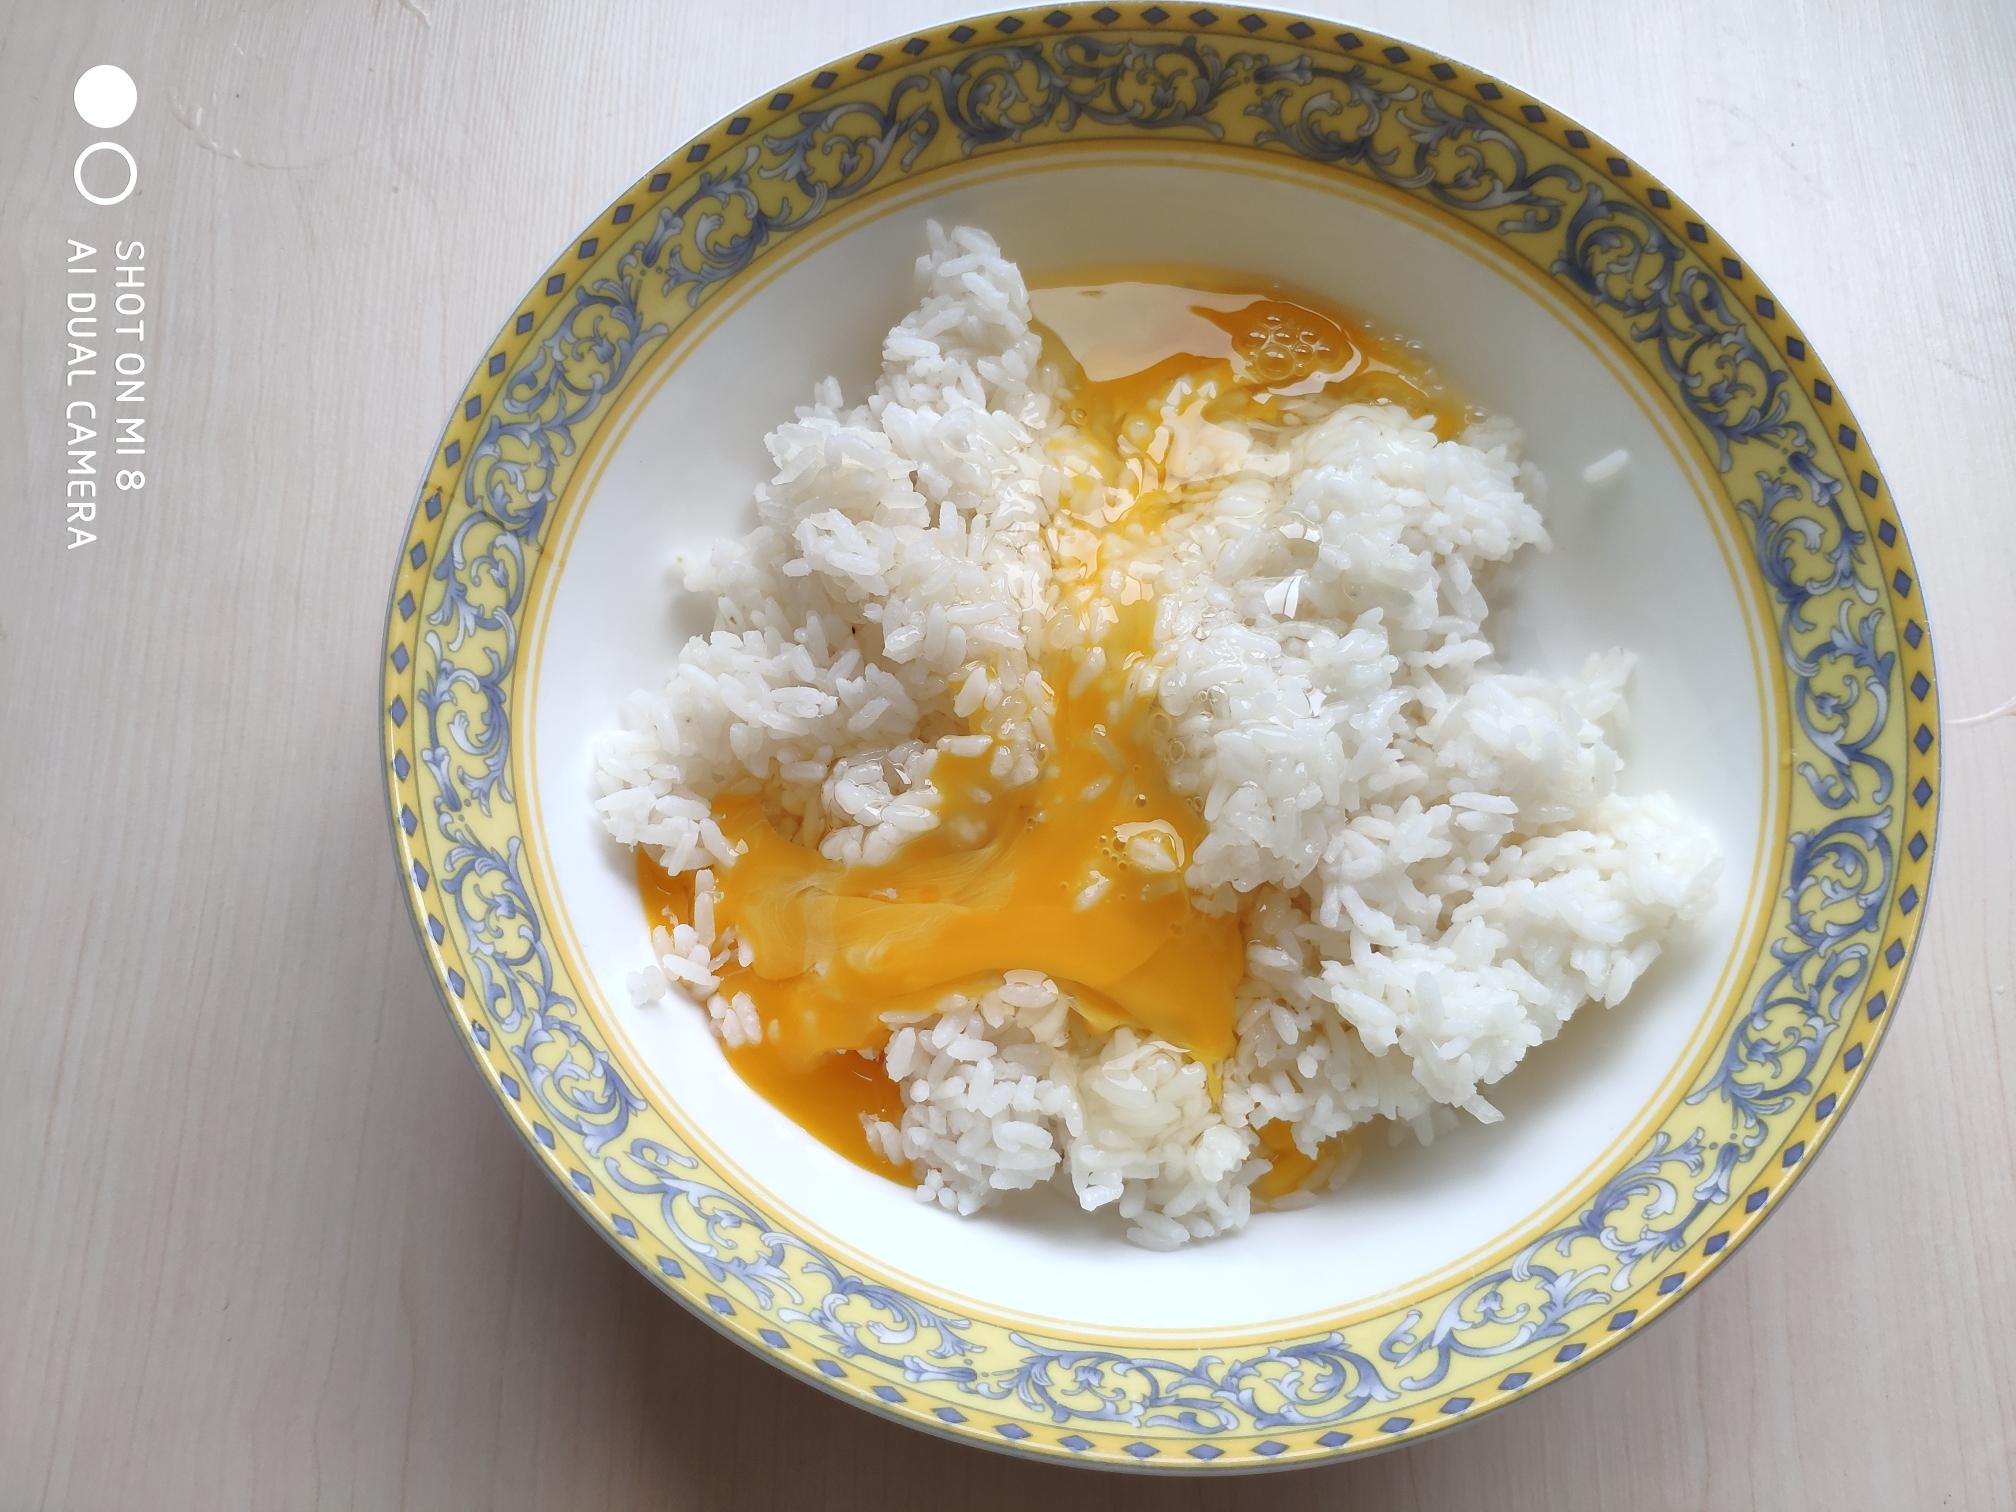 火腿豌豆蛋炒饭,将鸡蛋直接打入米饭中。如果想让炒出的饭粒颜色更黄,可以只用蛋黄。</p> <p>